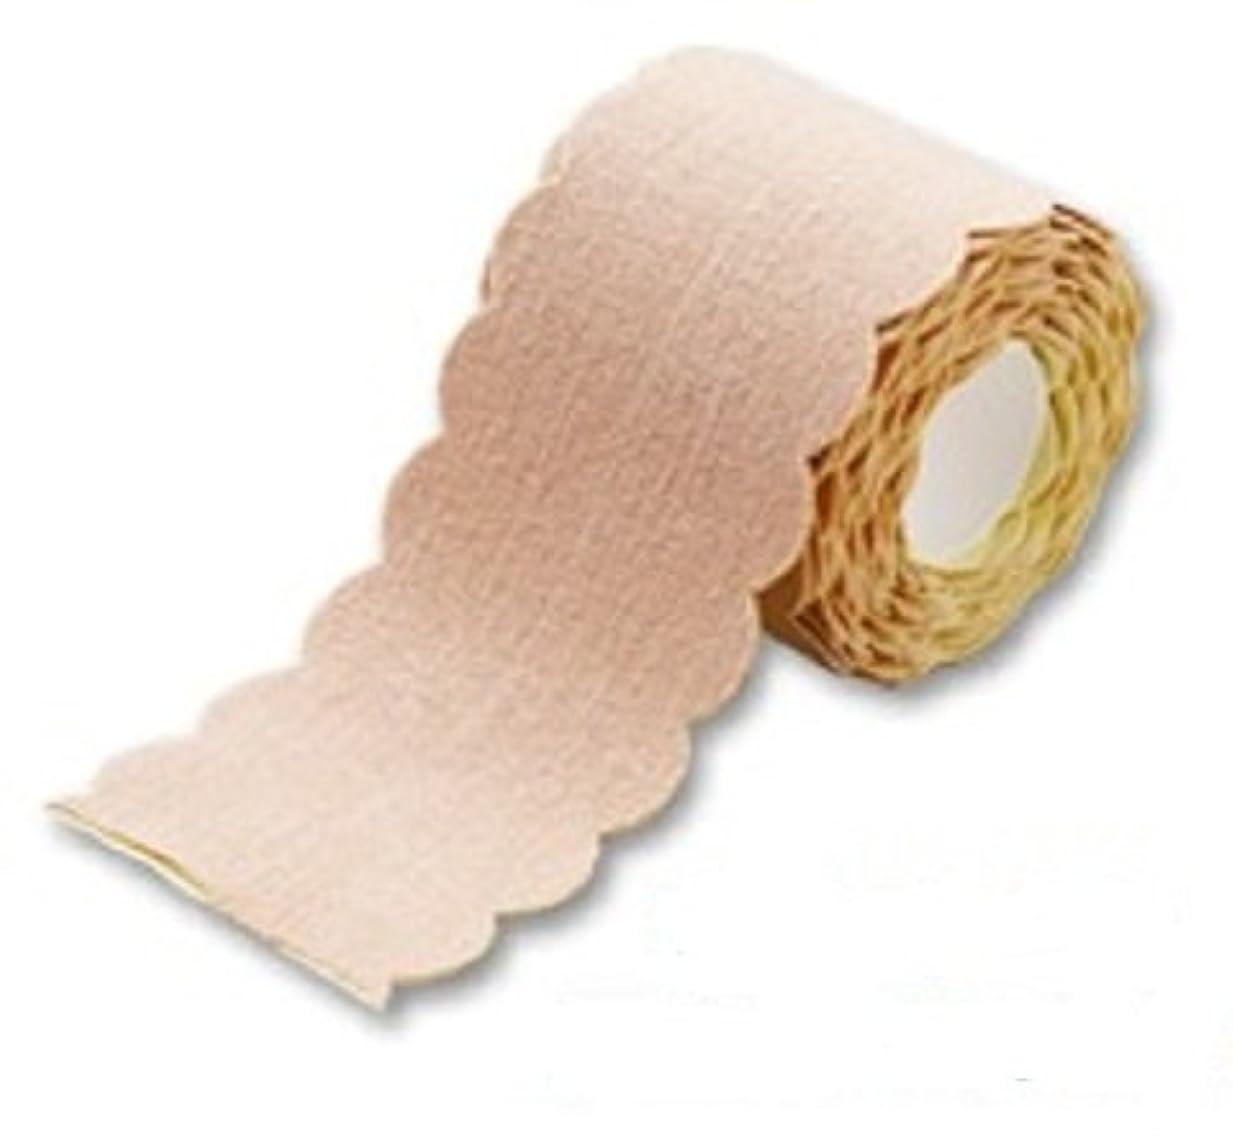 適応拡声器火山の汗取りパッド ワキに直接貼る汗とりシート ロールタイプ 3m 直接貼るからズレない?汗シート